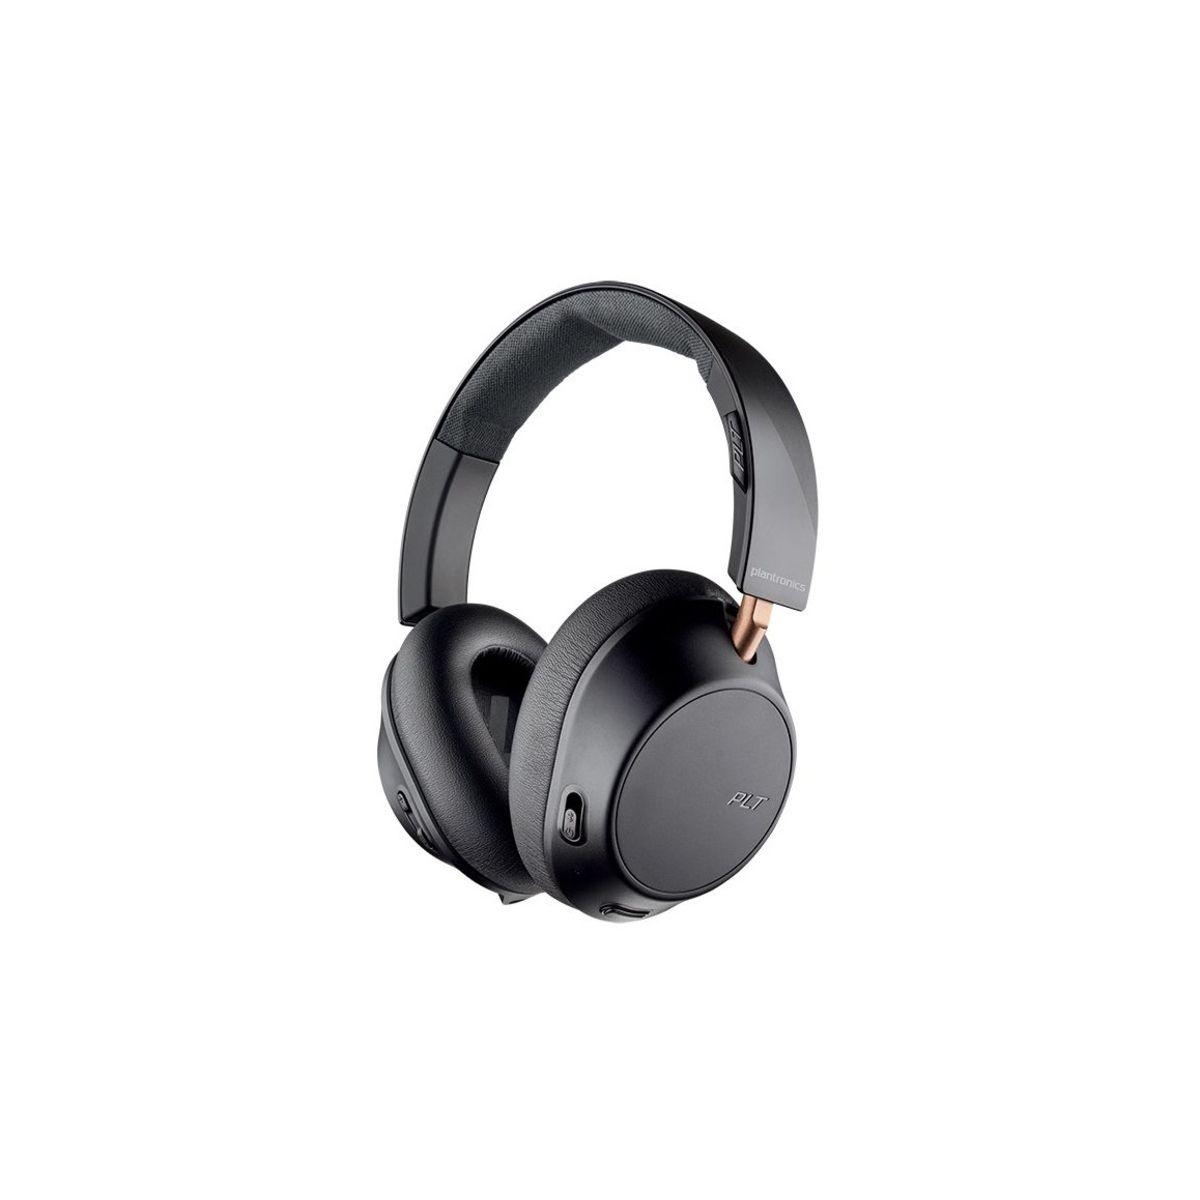 Casque audio sans fil - Noir - BackBeat Go 810